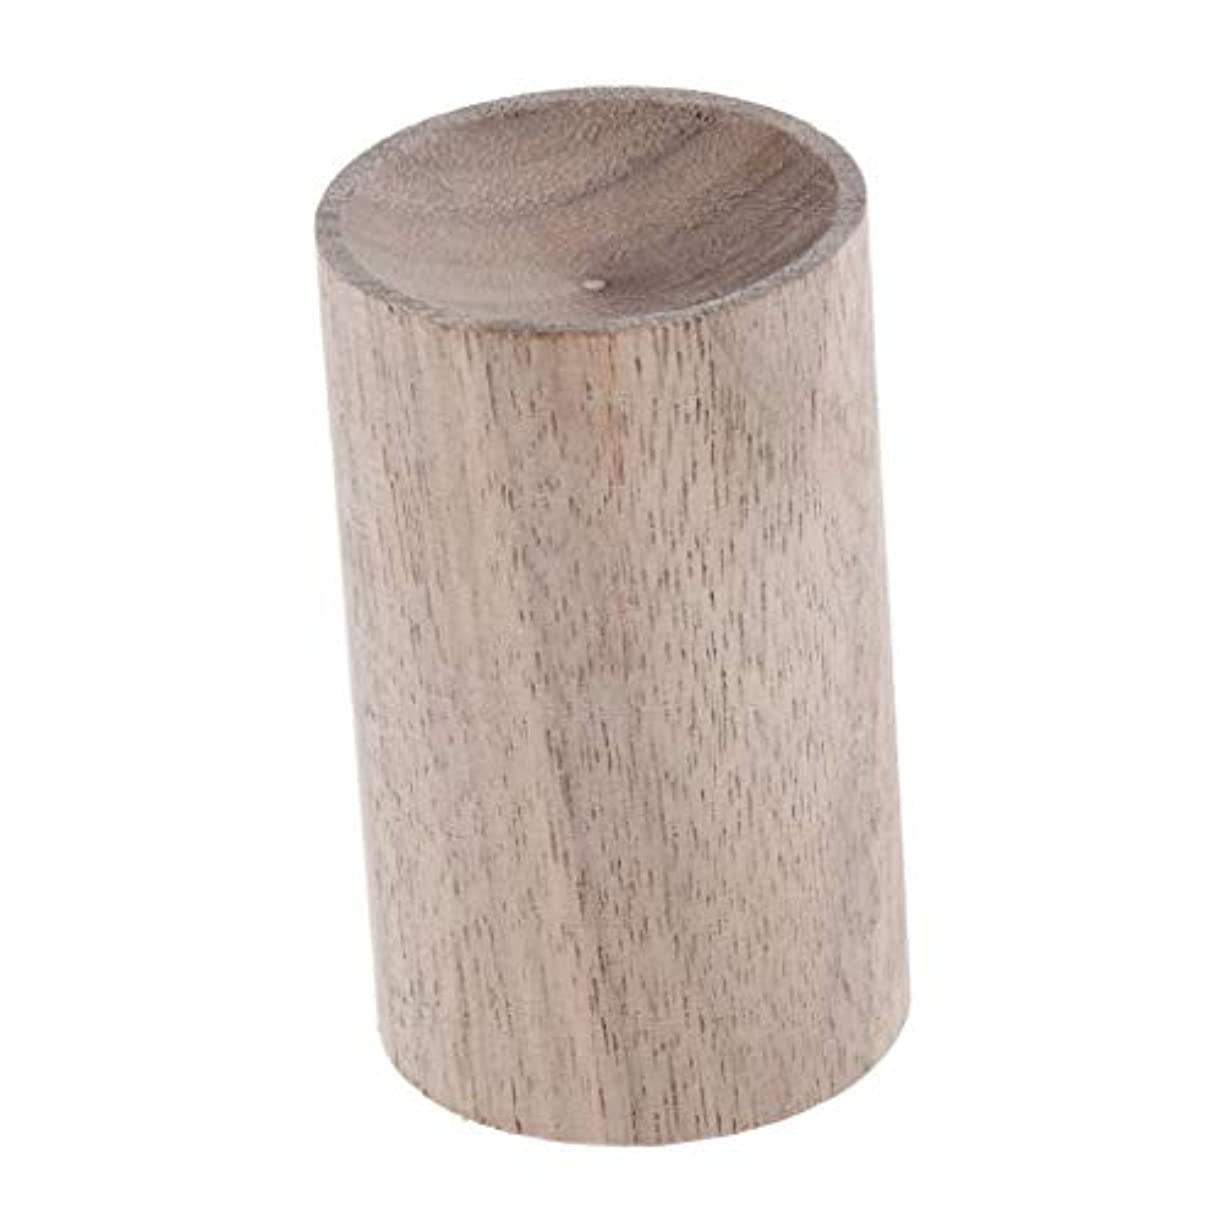 兵器庫説得力のあるエゴイズムPerfeclan 天然木 エアフレッシュナー エッセンシャルオイル 香水 アロマディフューザー 使いやすい 2種選ぶ - 02, 3.2cm